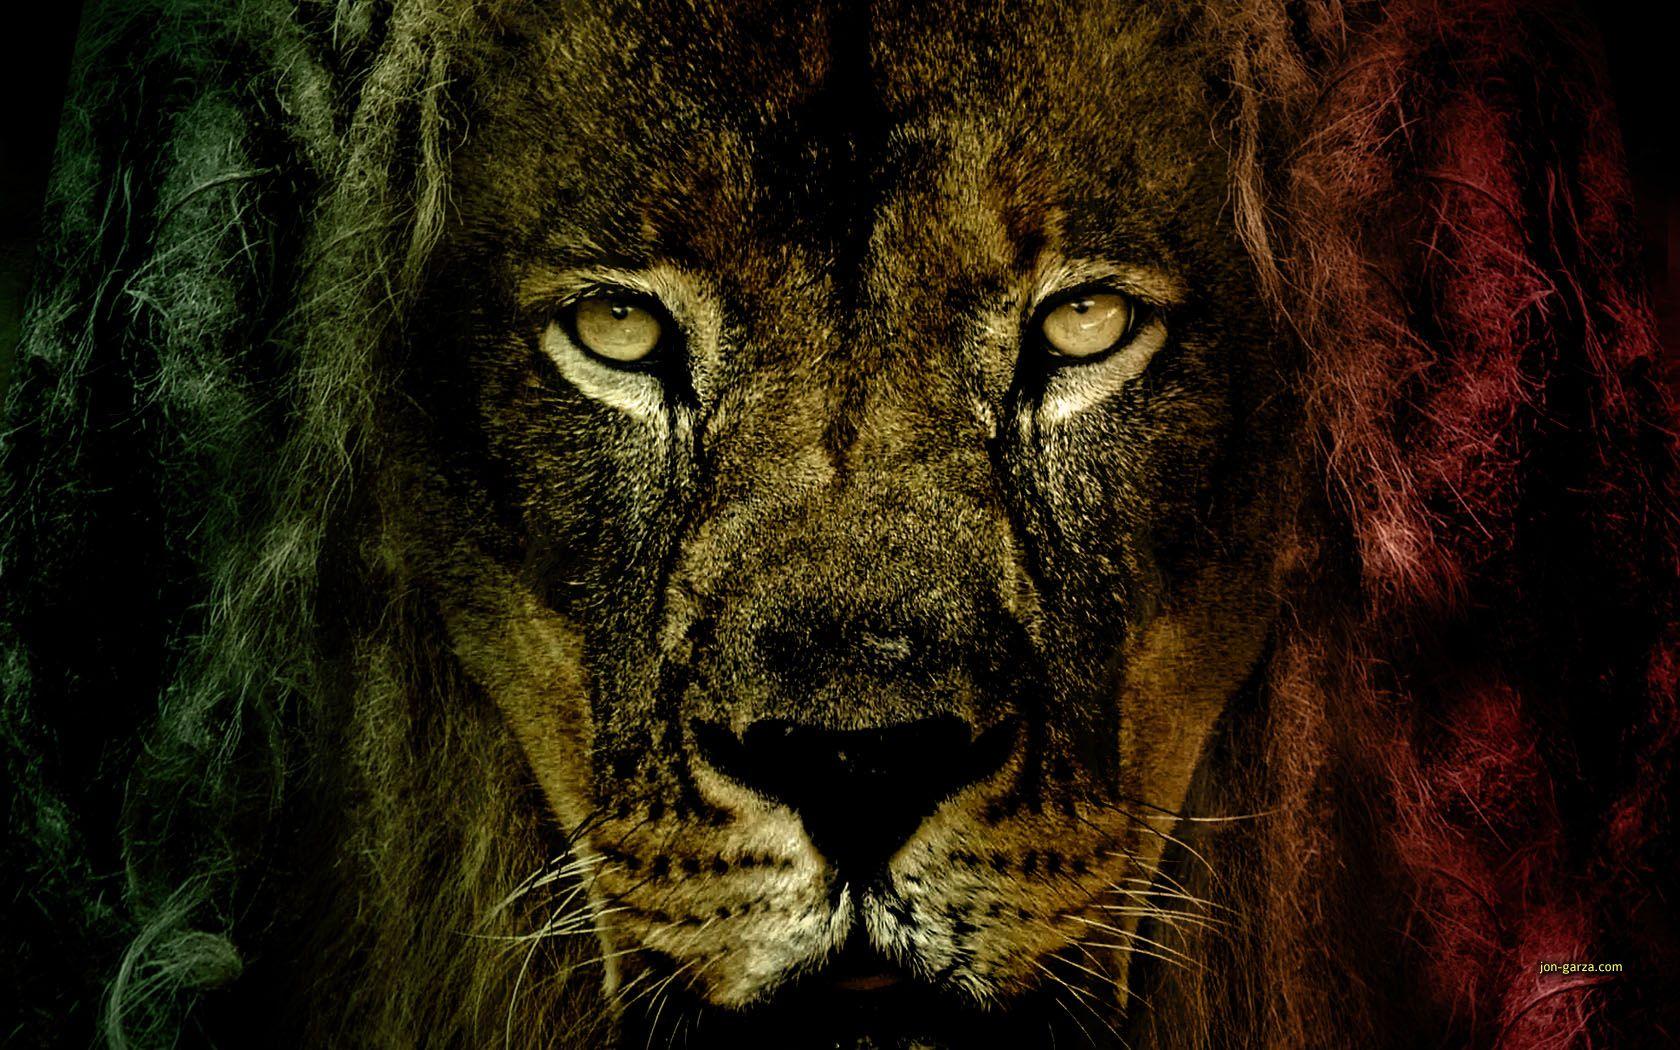 Wallpaper Reggae D Lion Of Judah Wallpapers Wallpaper Panda